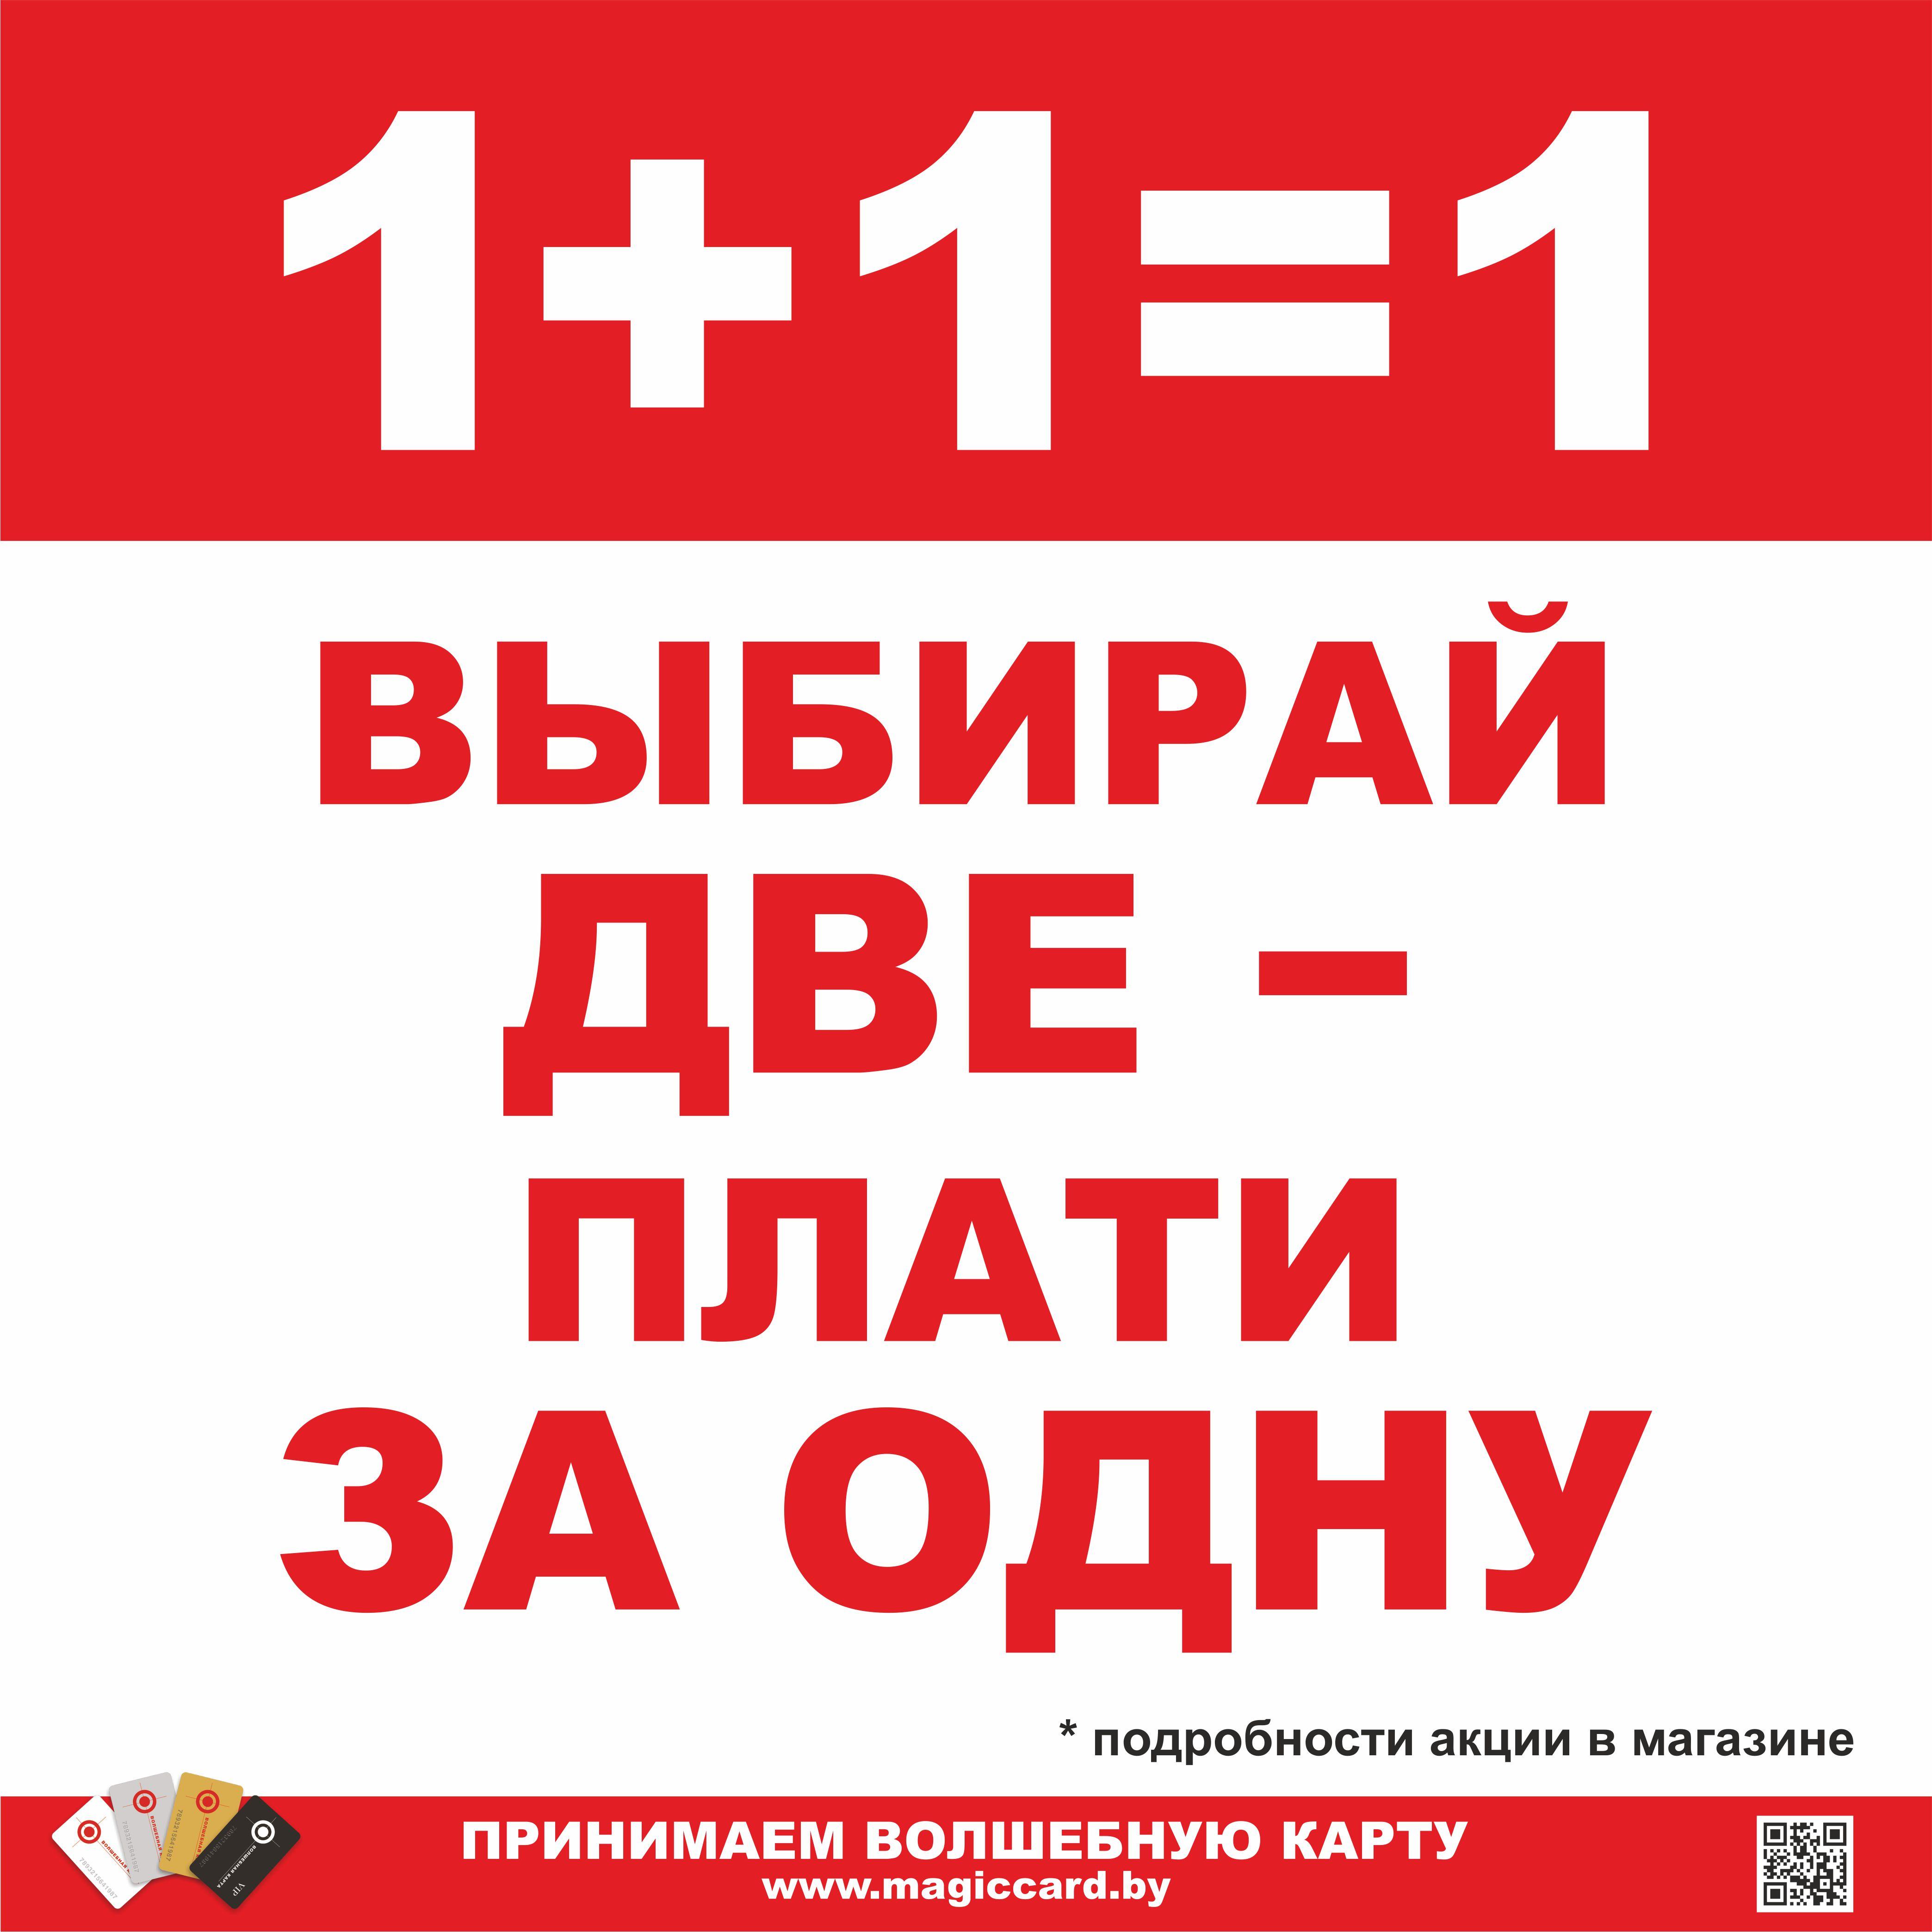 1559640574.jpg